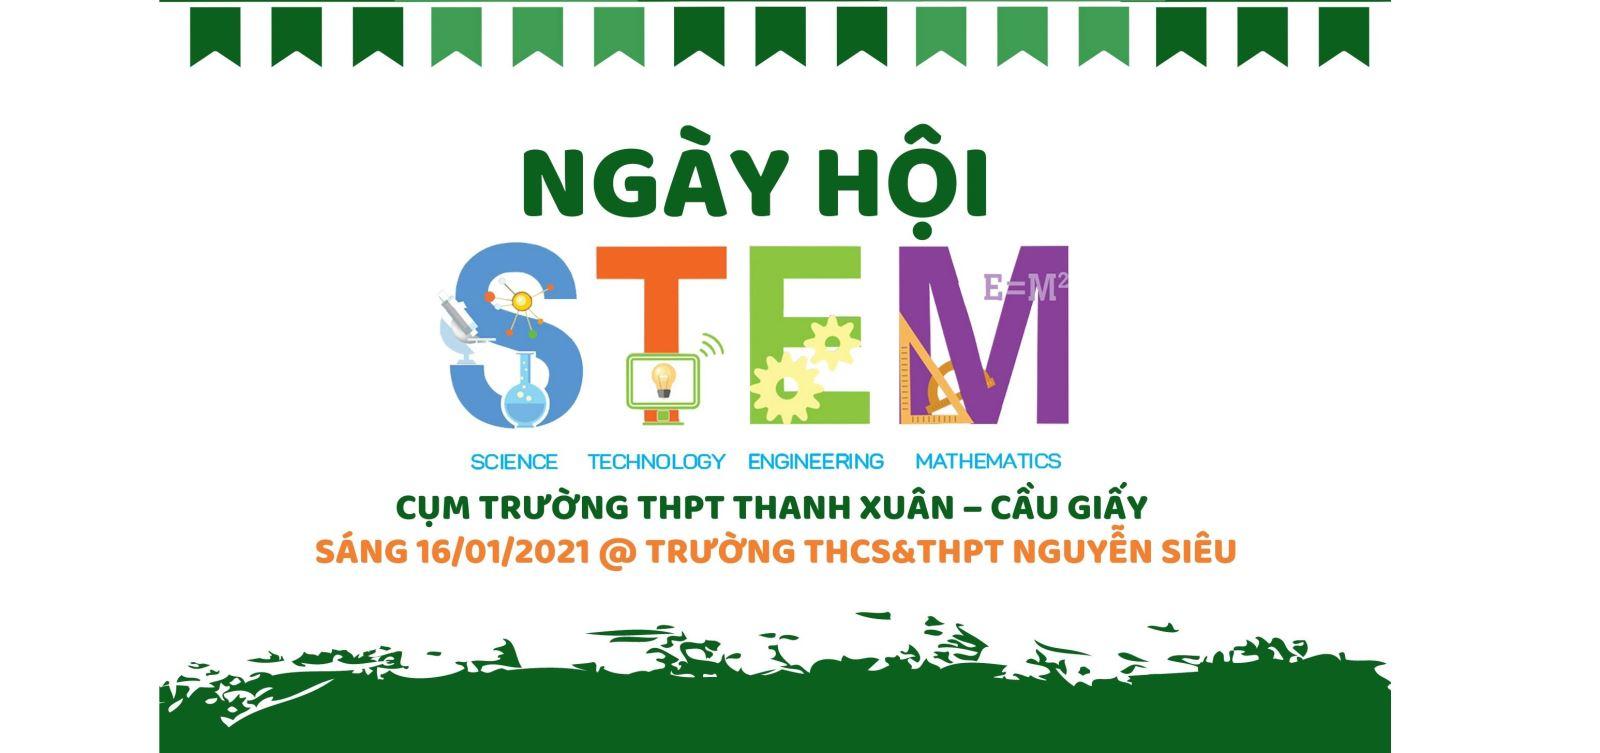 Chào đón Ngày hội STEM lớn tại Trường Nguyễn Siêu